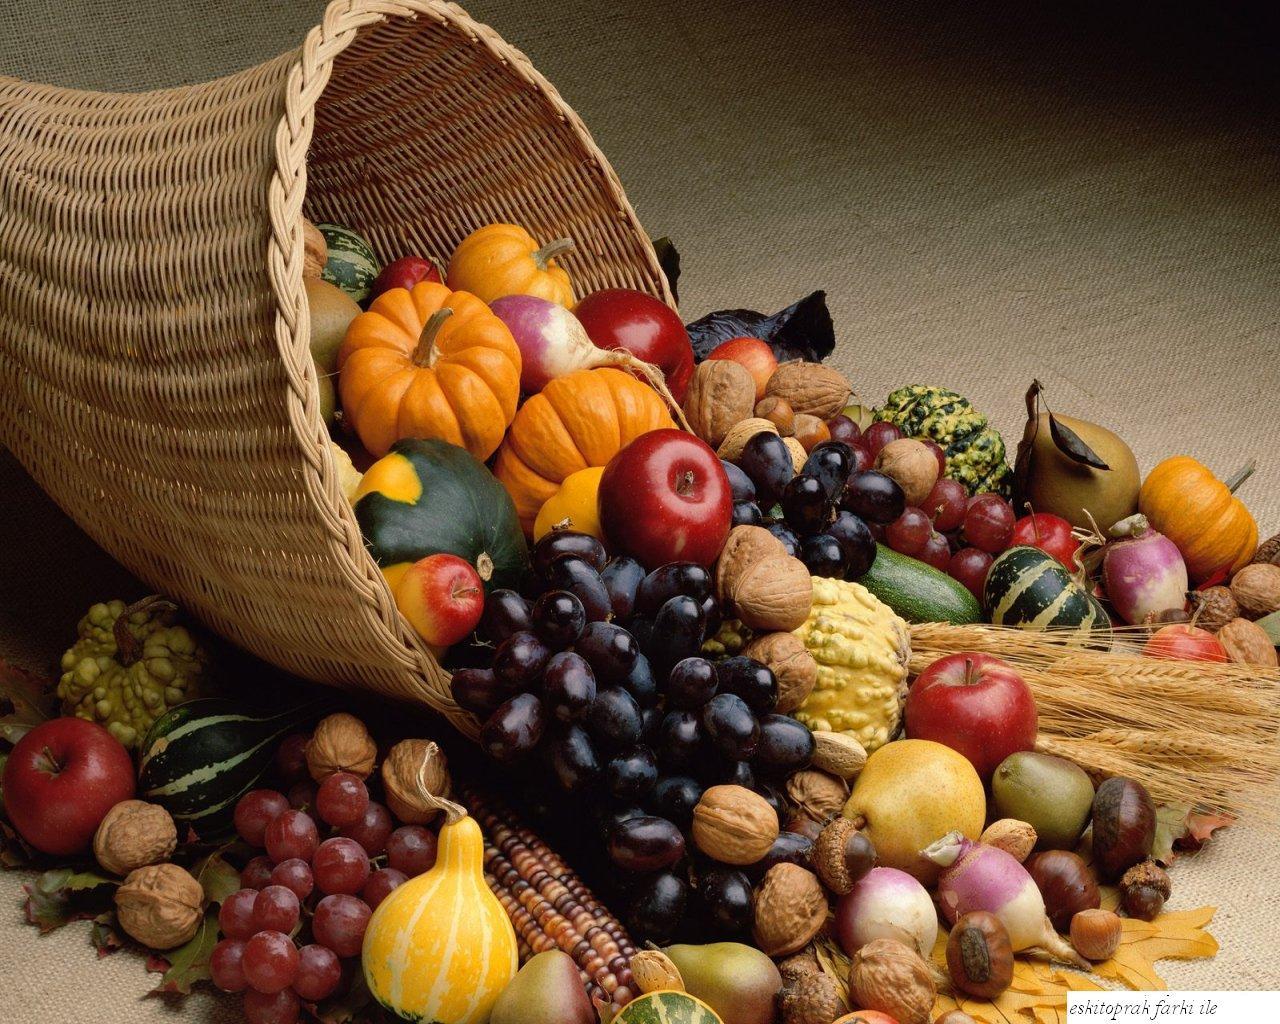 Kışın Tükettiğimiz Sebzeler ve Sağlığımıza Faydaları Nelerdir?